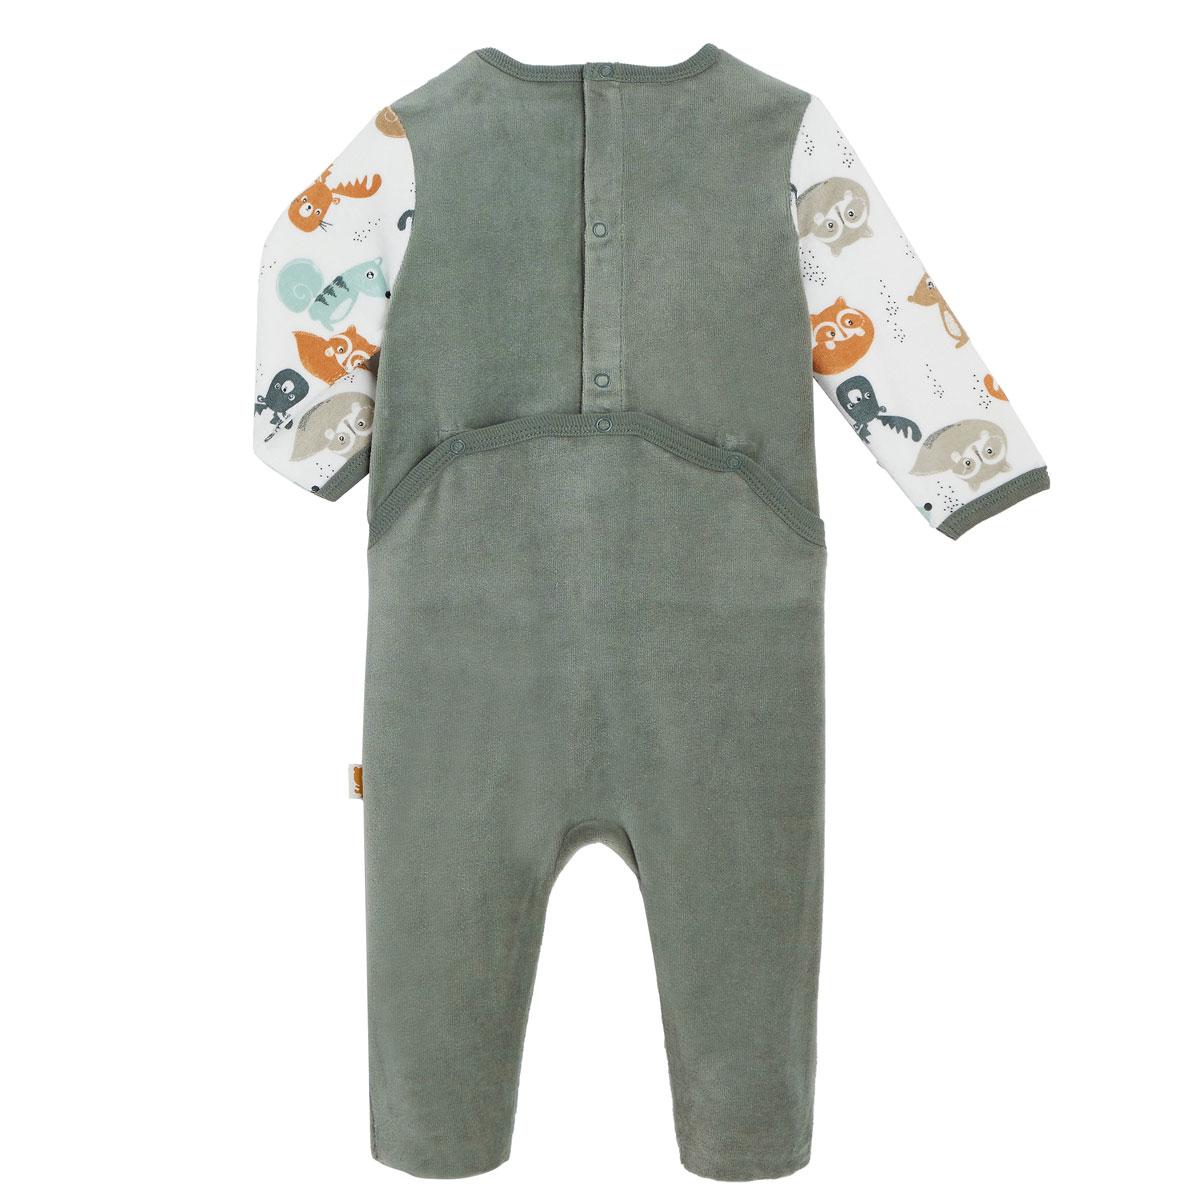 Pyjama bébé en velours contenant du coton bio Noisette dos